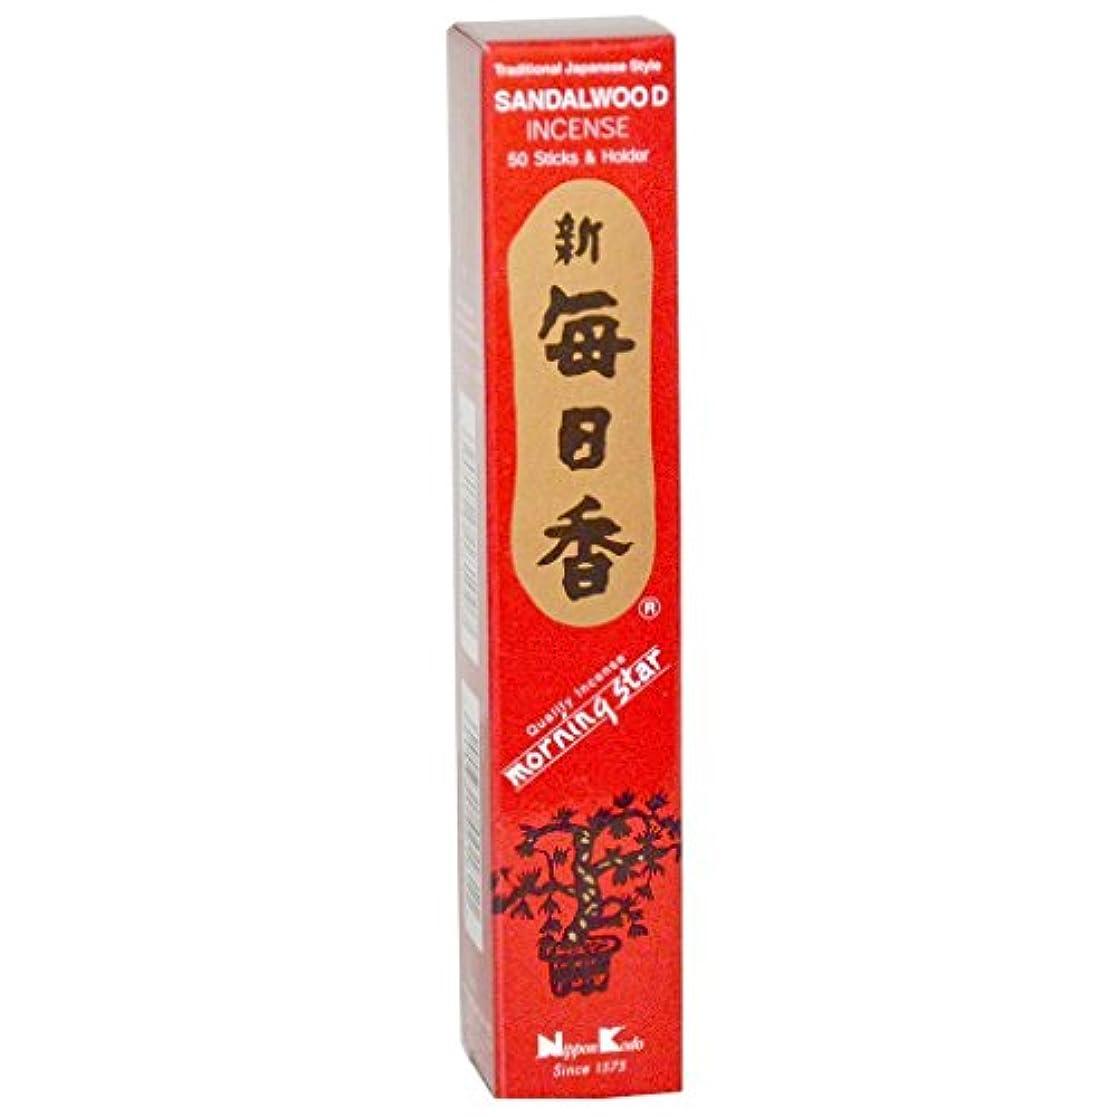 満員水を飲む野球Sandalwood Morning Star Quality Japanese Incense by Nippon Kodo - 50 Sticks + Holder